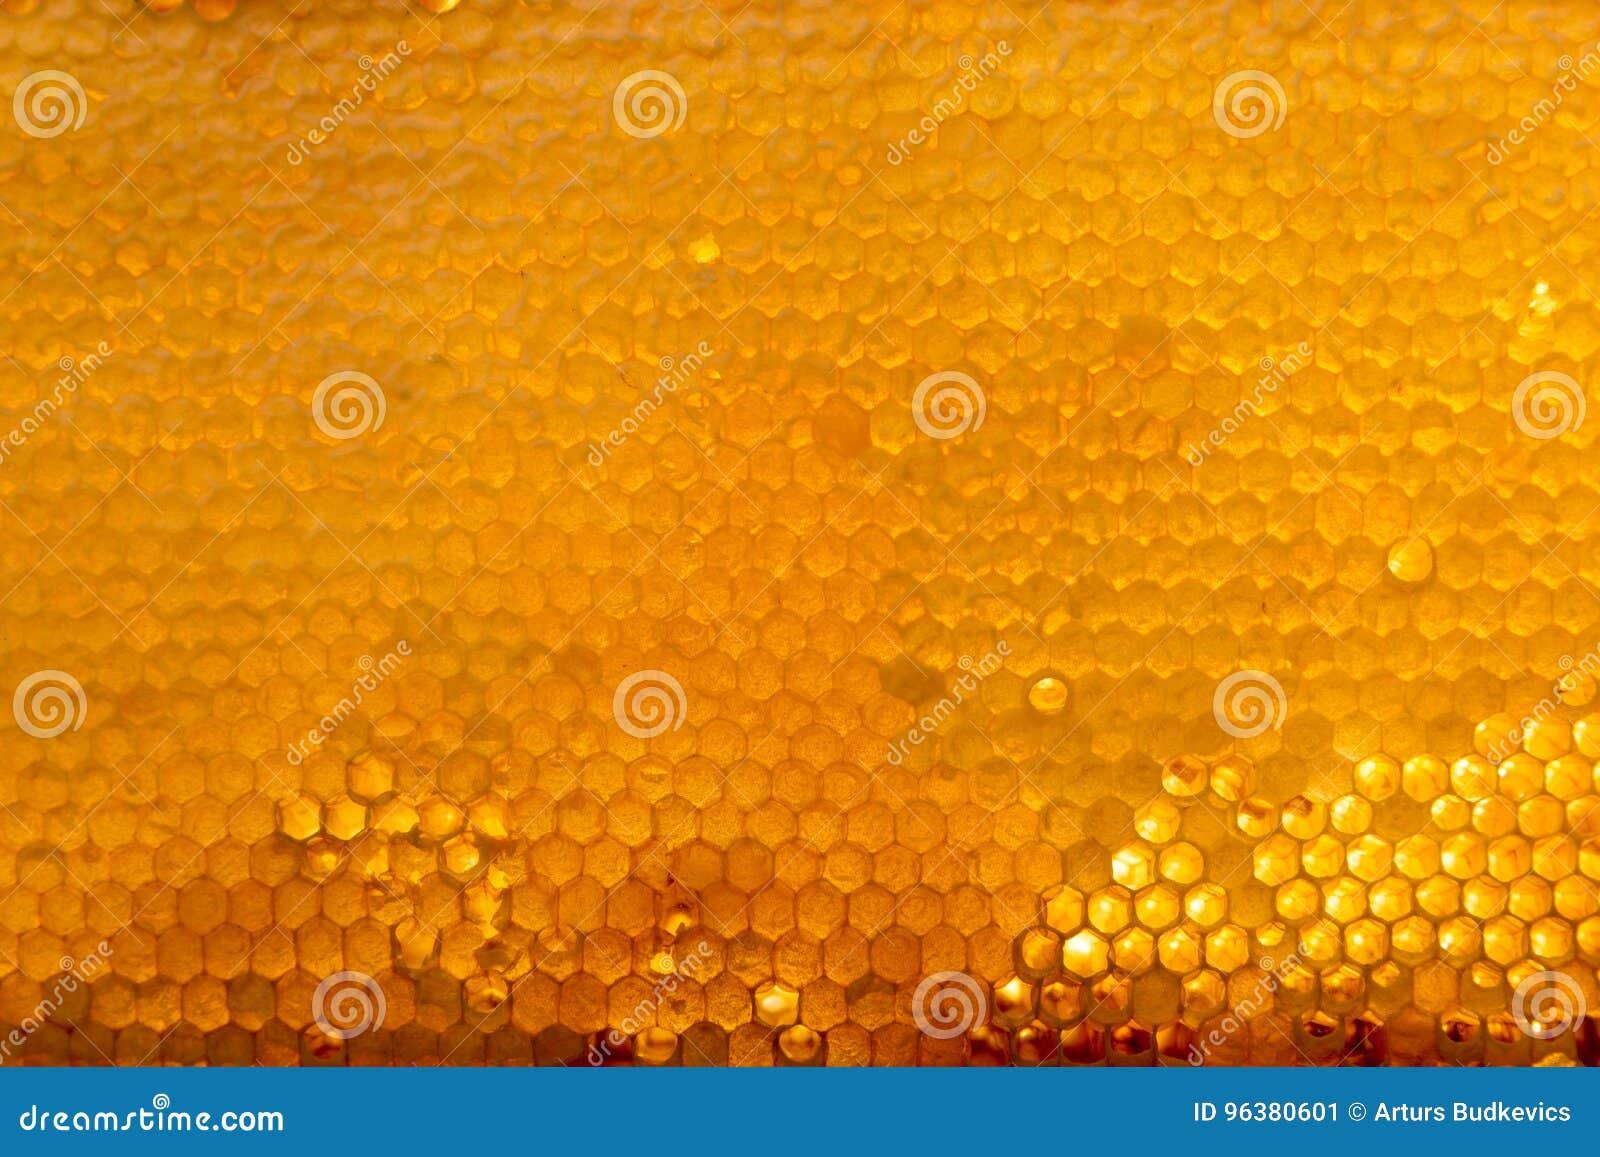 Σύσταση υποβάθρου και σχέδιο ενός τμήματος της κηρήθρας κεριών από μια κυψέλη μελισσών που γεμίζουν με το χρυσό μέλι